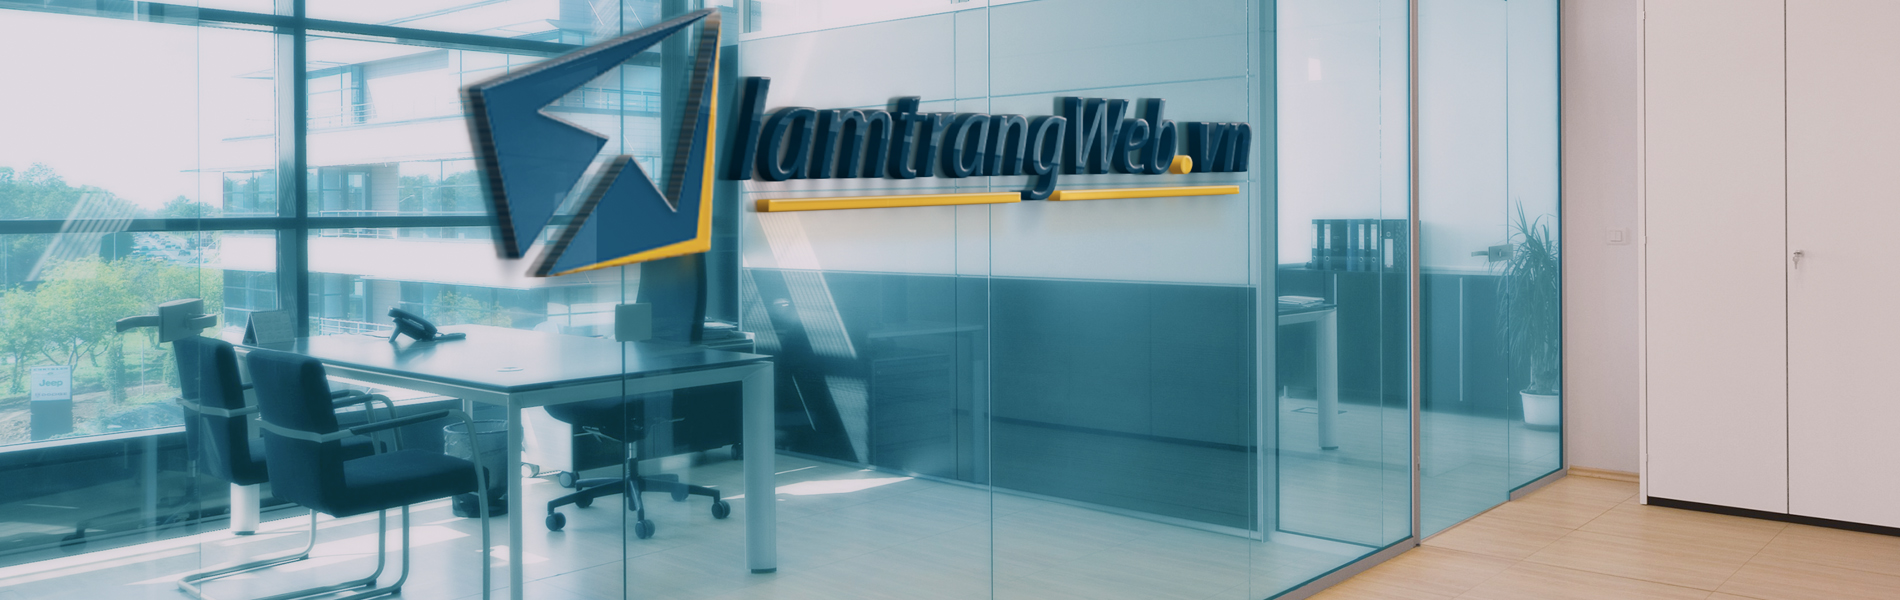 Chào mừng bạn đến với Lamtrangweb.vn